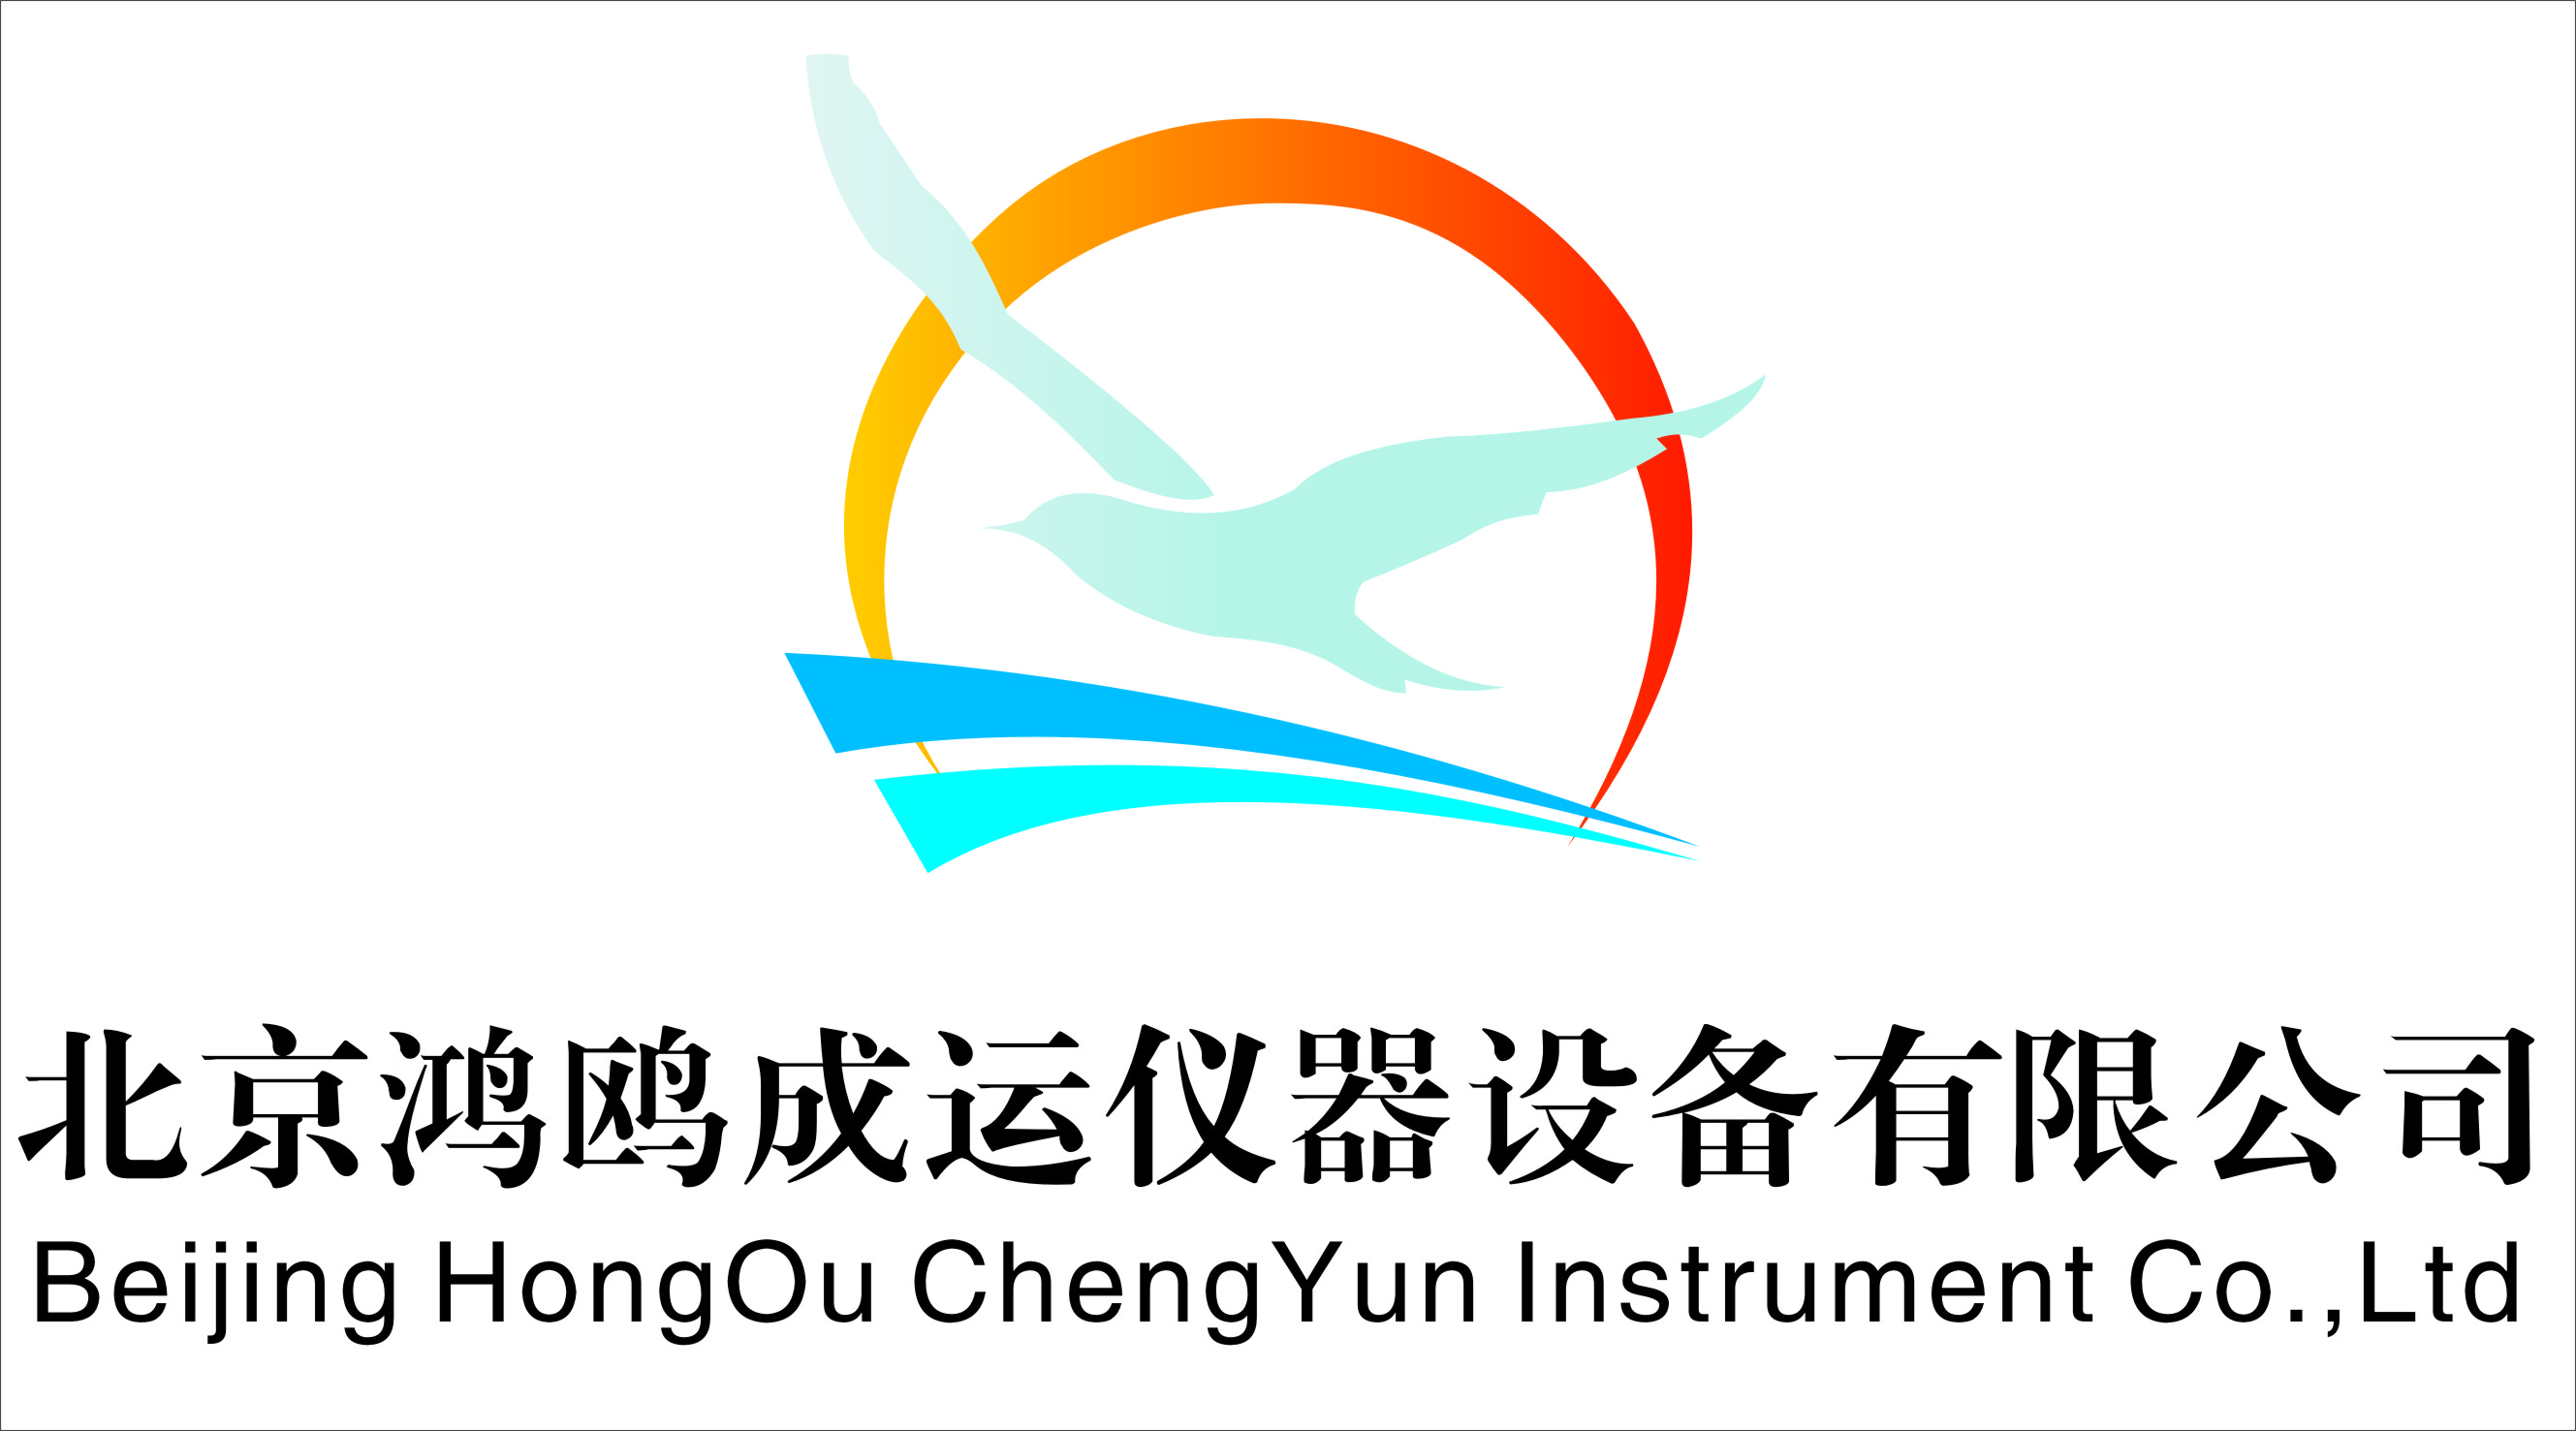 北京鸿鸥成运仪器设备有限公司